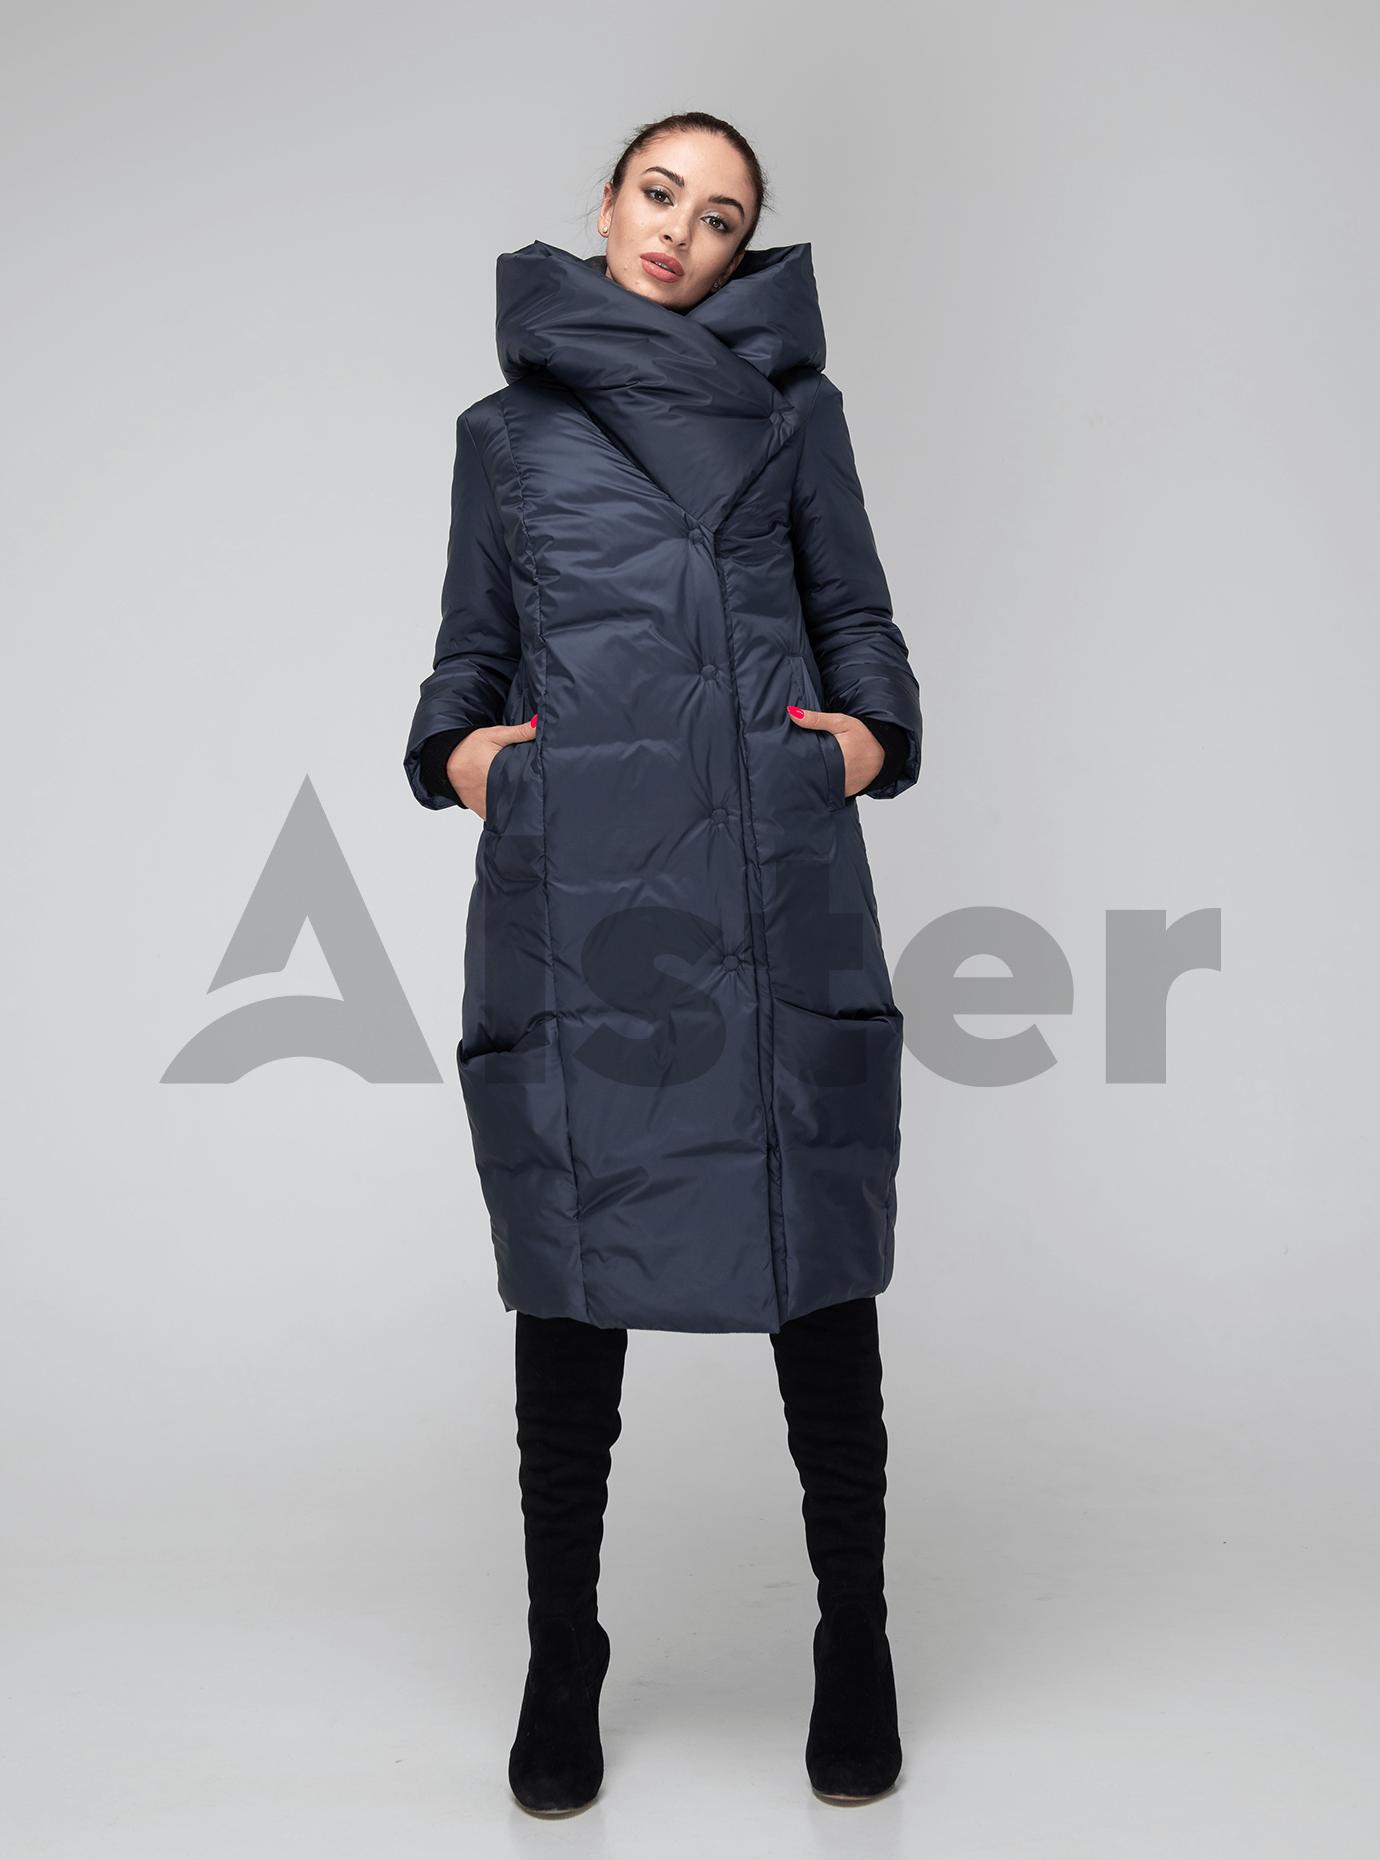 Жіноча куртка зимова капюшон з відворотом Графітовий 42 (02-KT190202): фото - Alster.ua